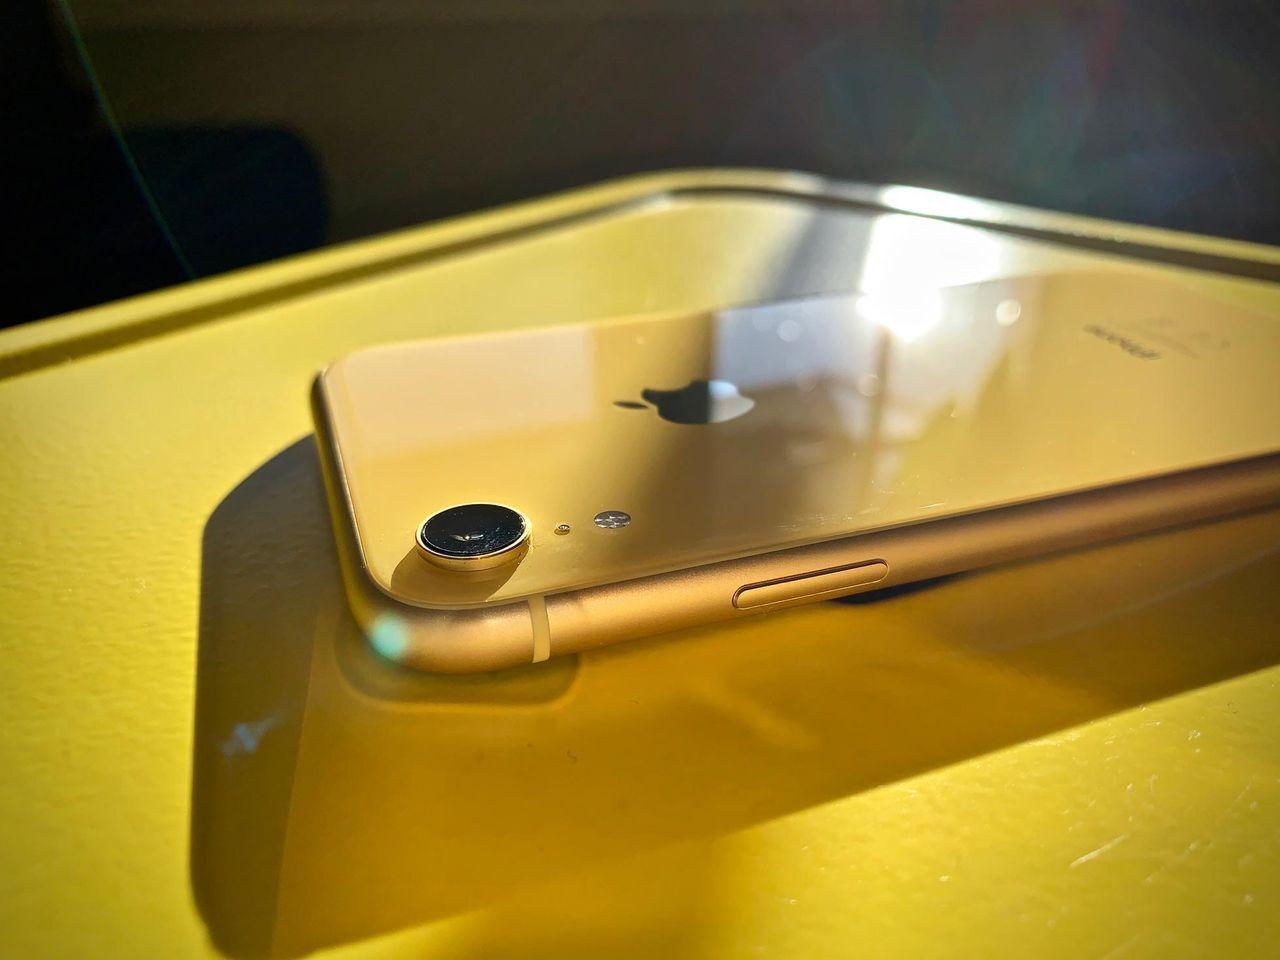 Apple ryktas sänka priset på iPhone XR i Japan